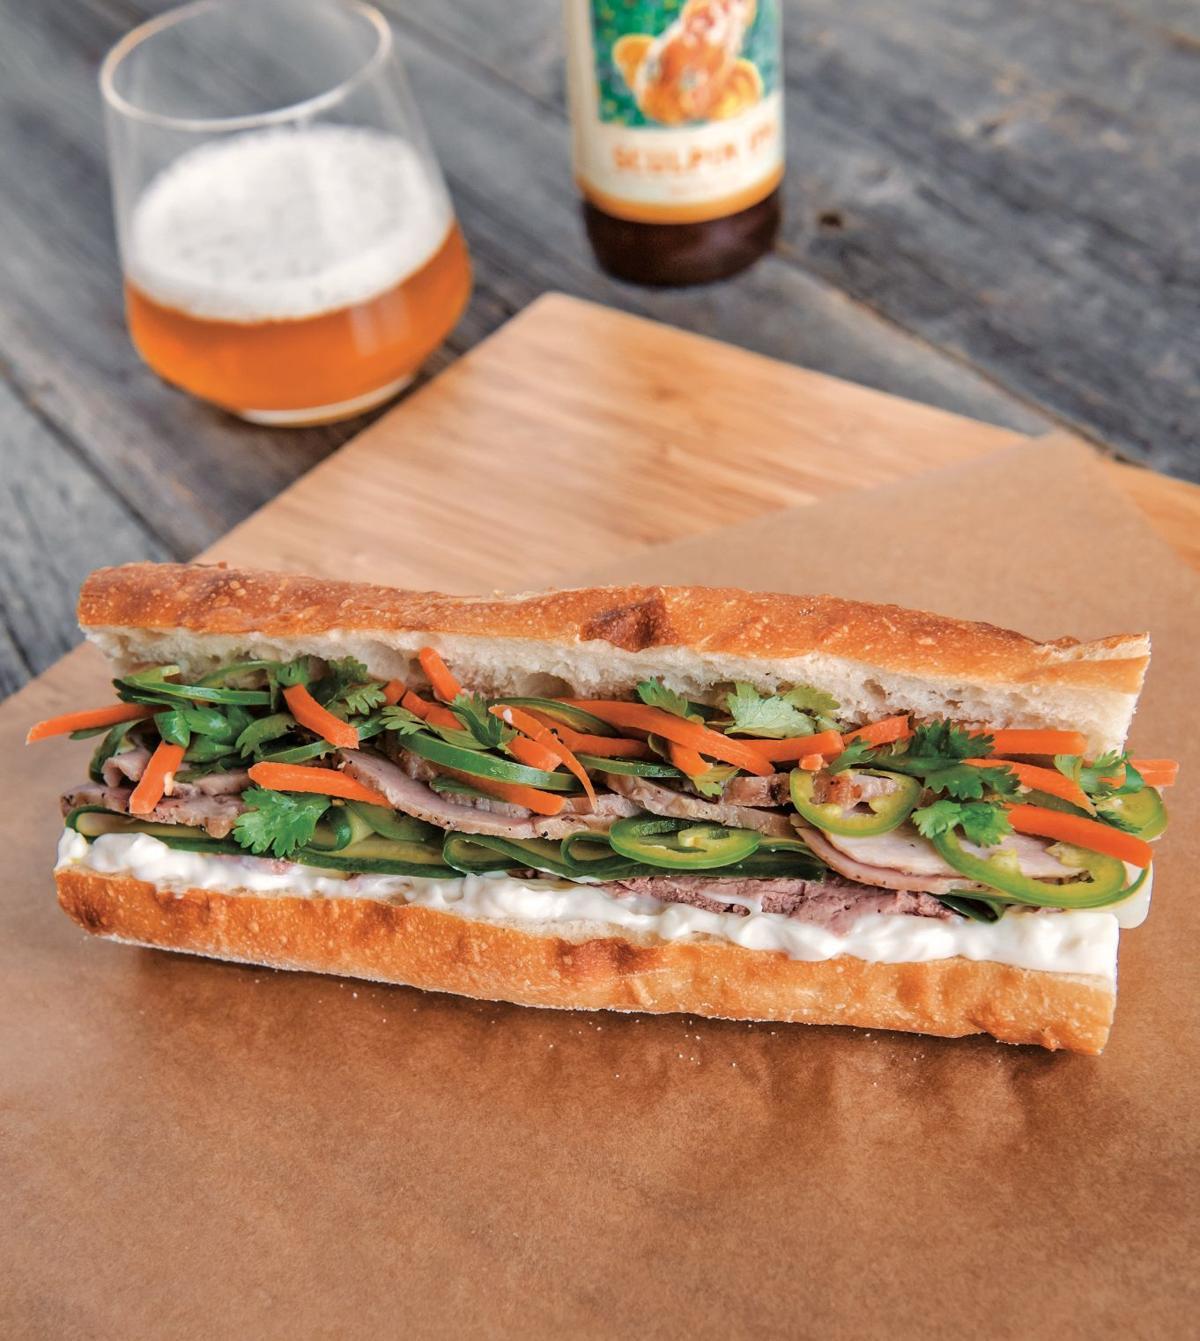 Savor - Pork Bánh Mì with Pickled Vegetables and Pâté